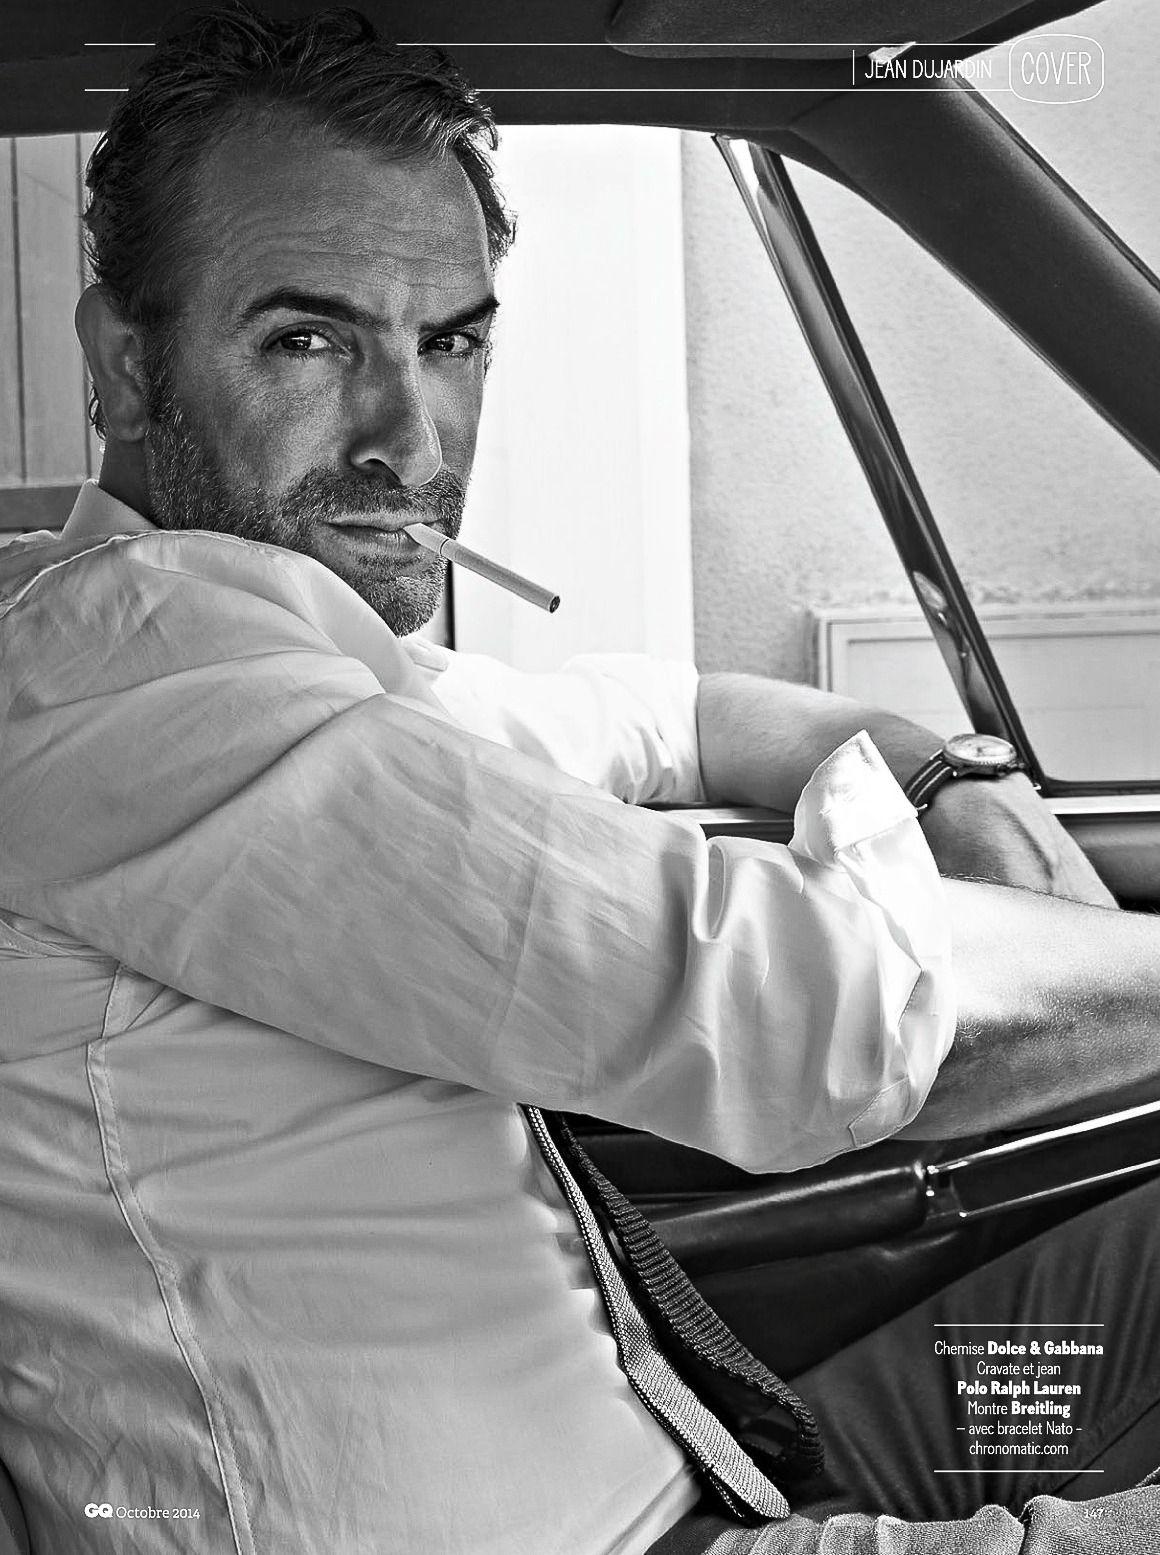 Jean dujardin for gq france oct 2014 l 39 homme for Dujardin 007